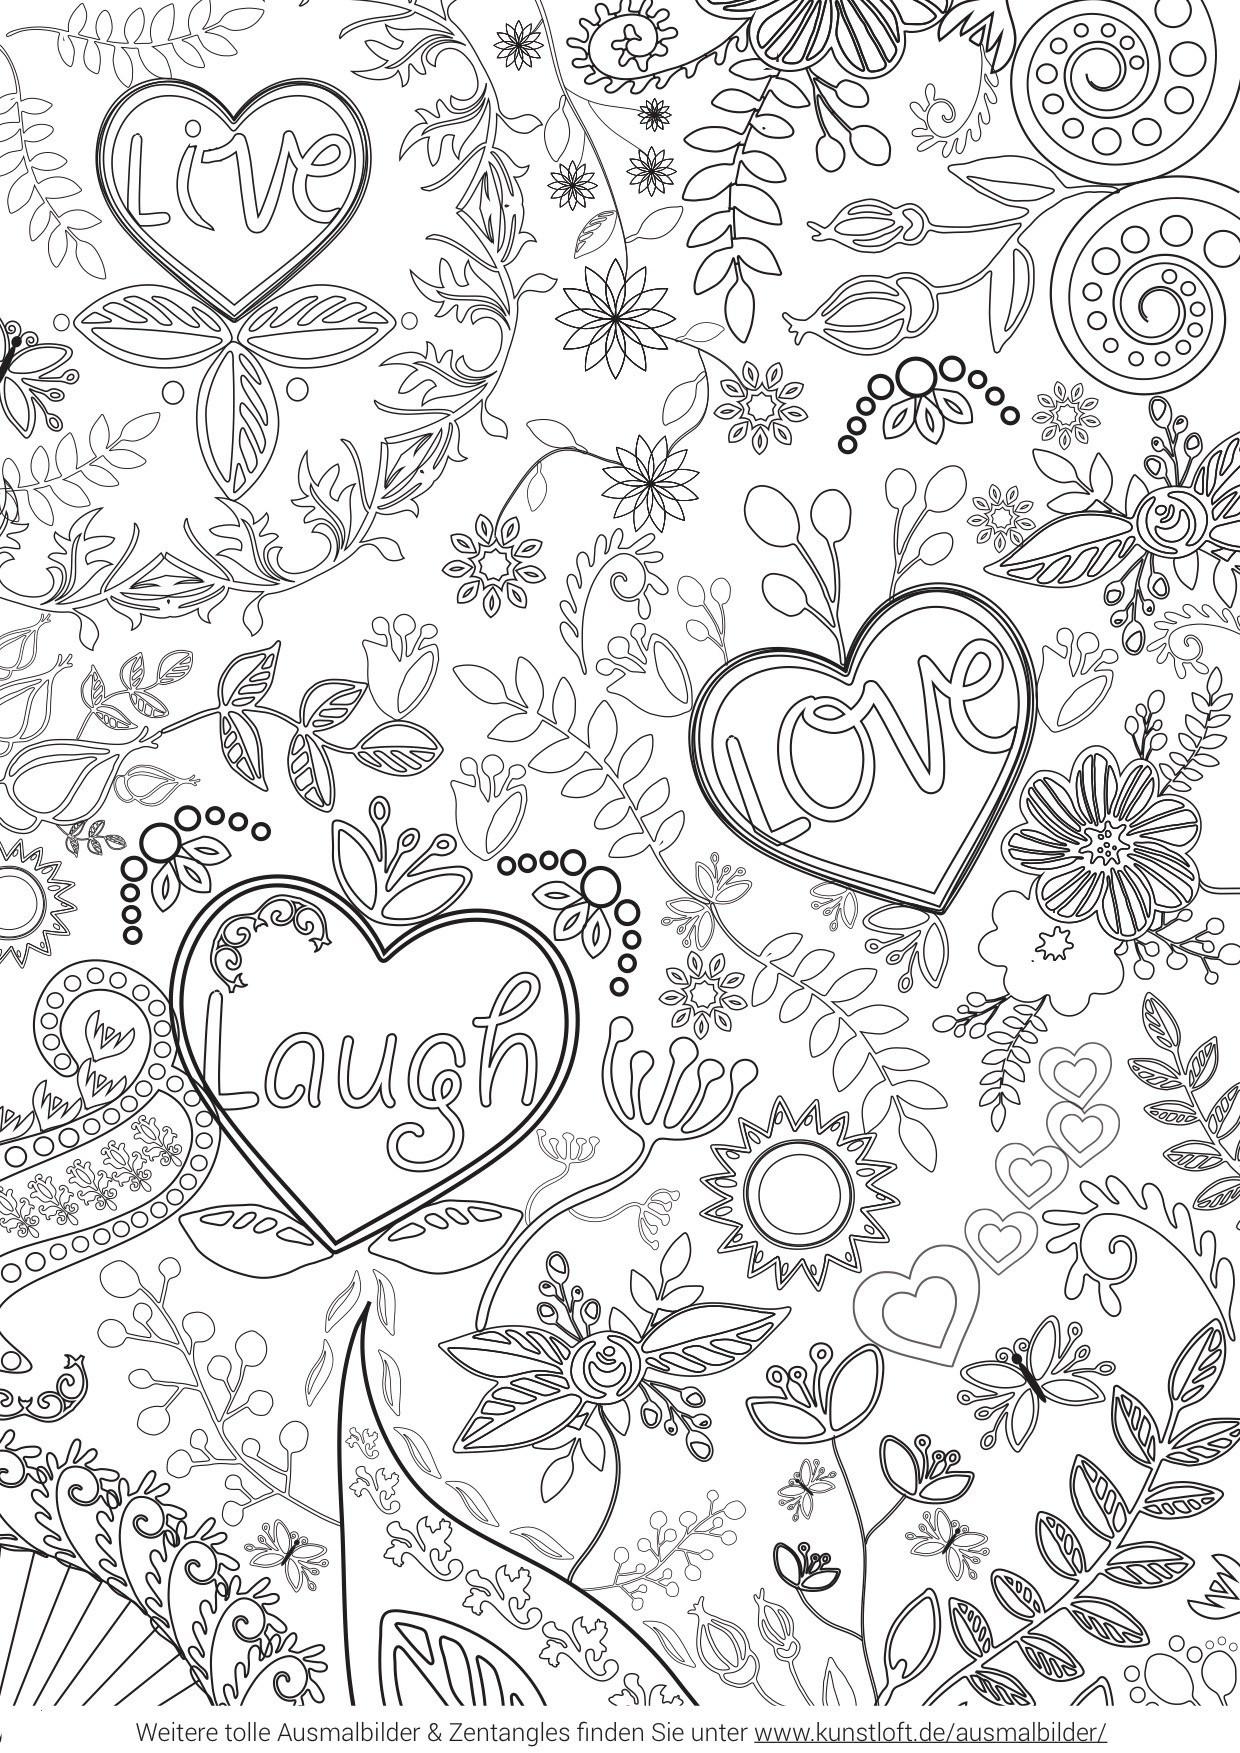 Malvorlage Blumen ornamente Das Beste Von Beispielbilder Färben Malvorlagen Für Erwachsene Zum Ausdrucken Neu Sammlung